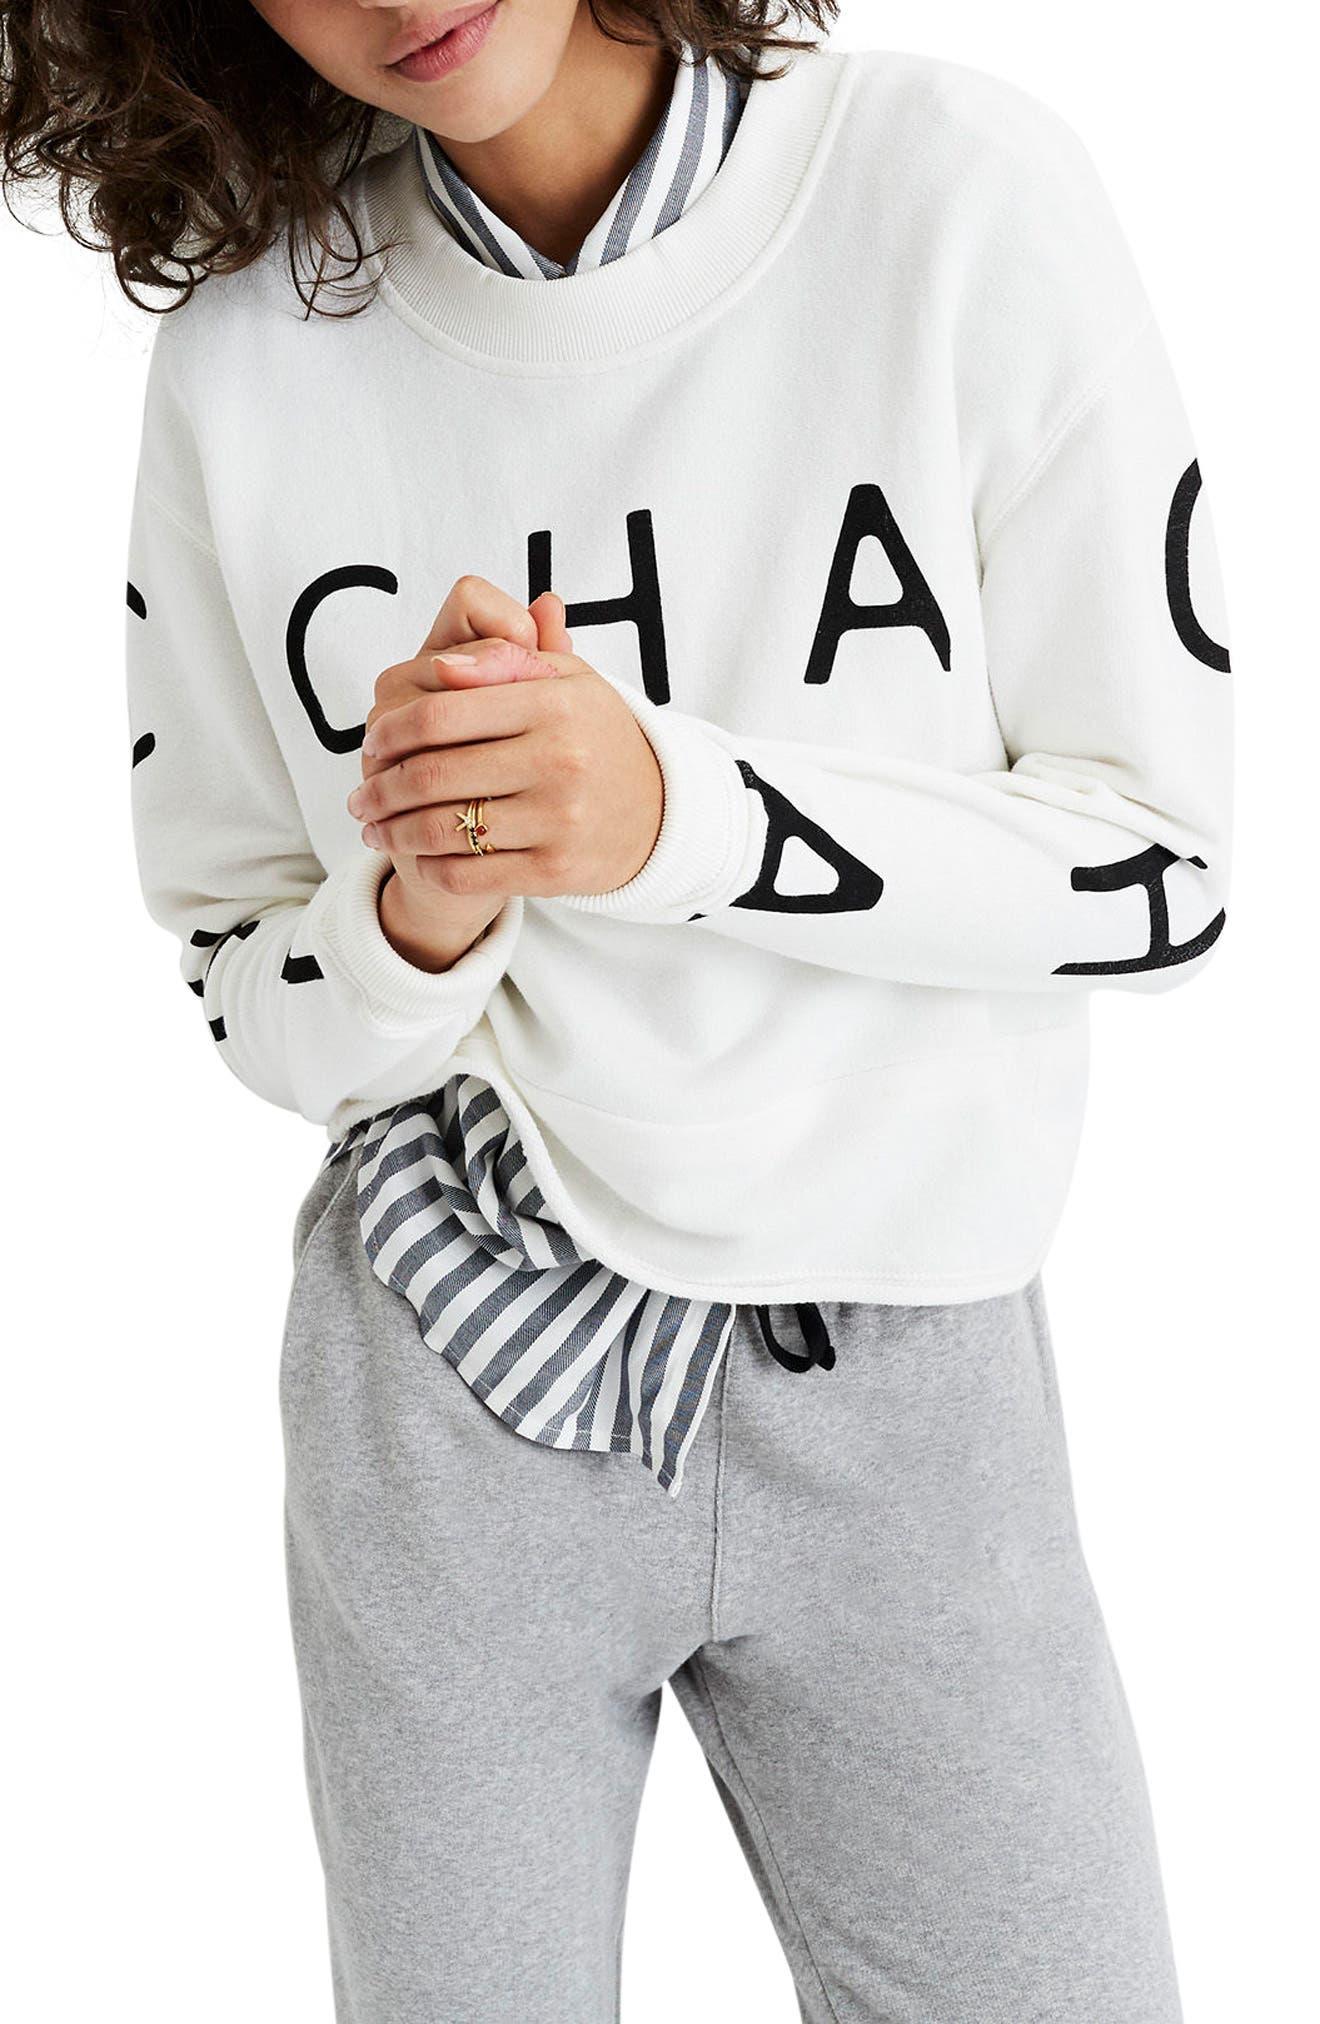 Madewell Cha Cha Cha Sweatshirt